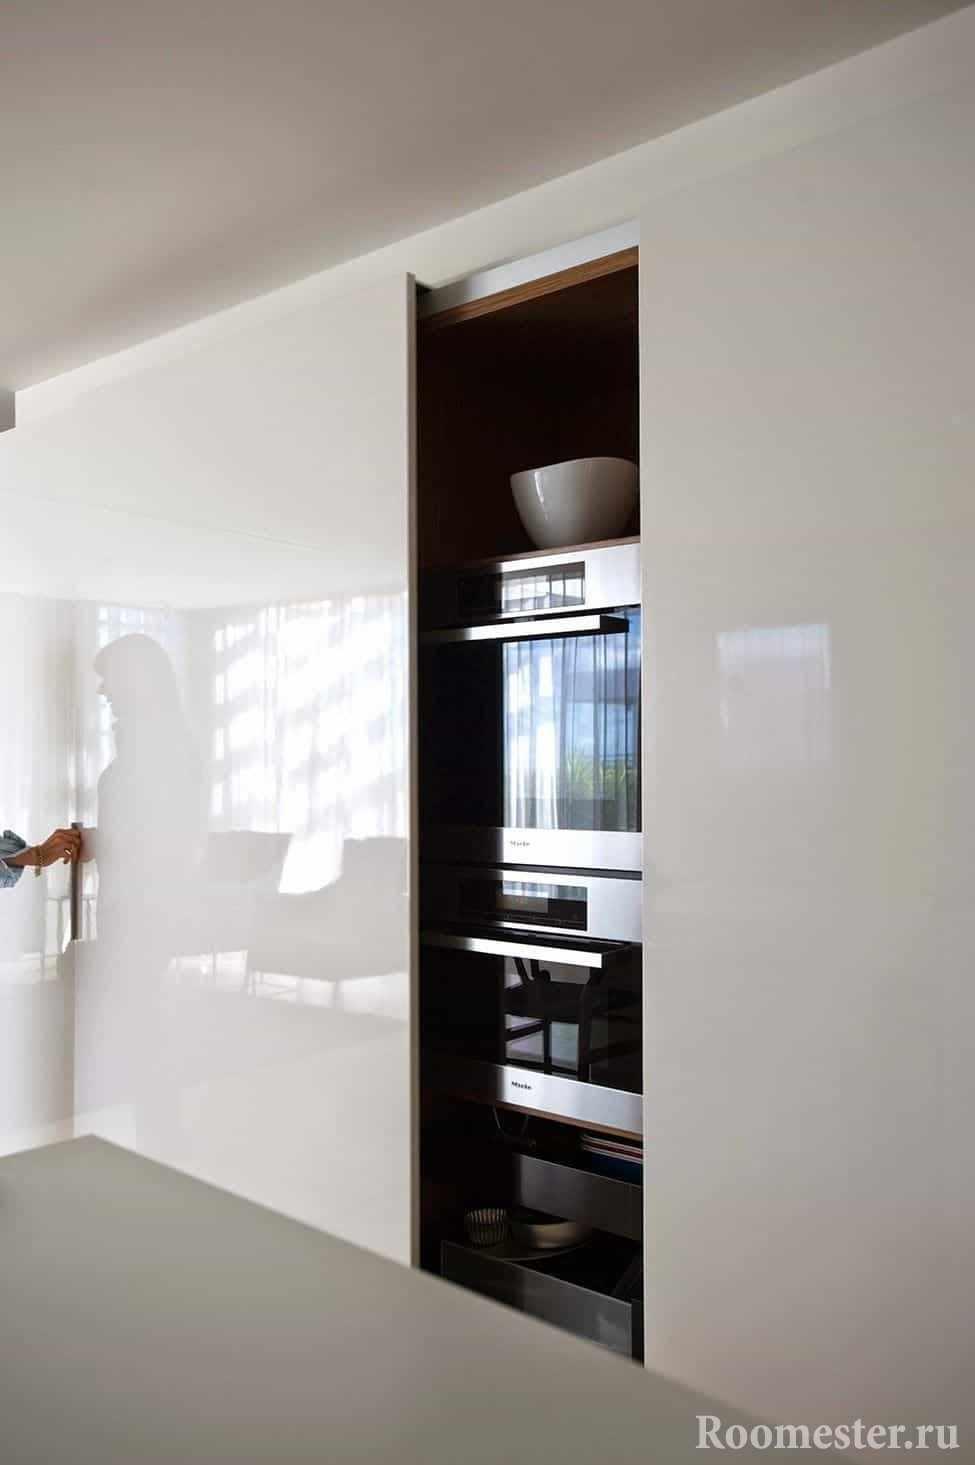 Кухня в шкафу, ничего лишнего в интерьере